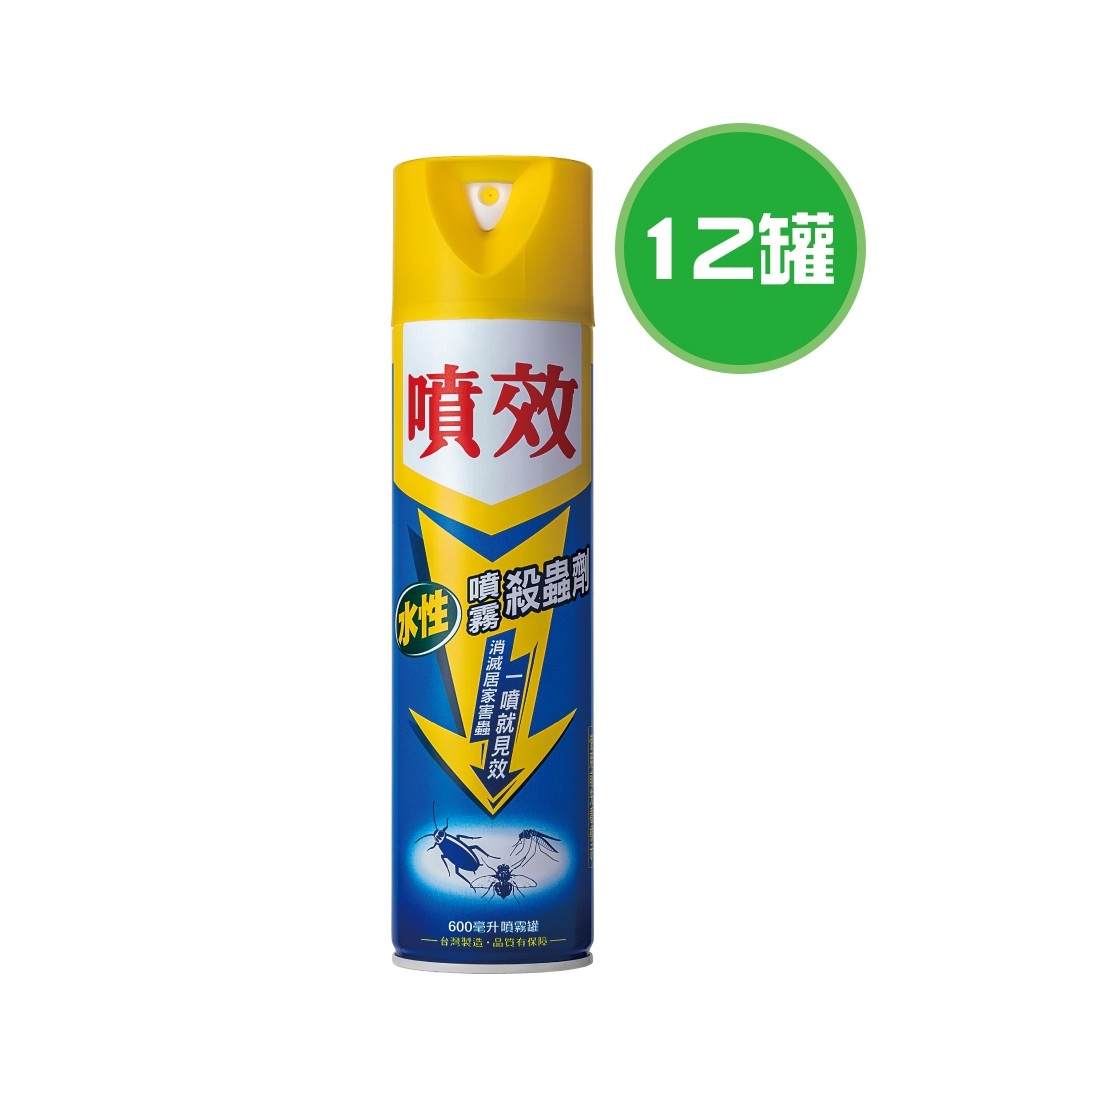 義美 小泡芙-草莓 6盒(57g/盒)